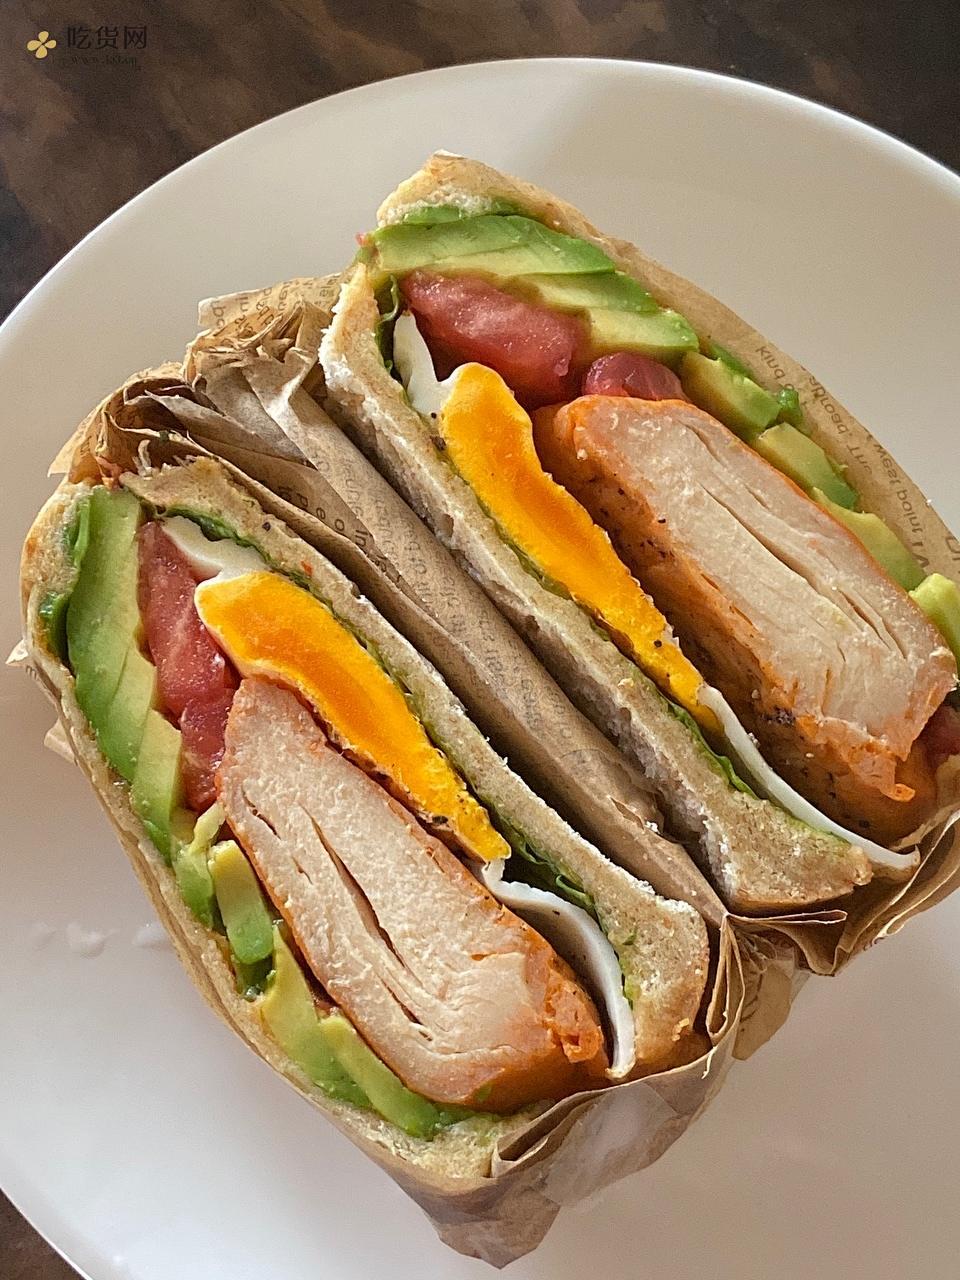 多款低热量帕尼尼 让你的早餐不再单调的做法 步骤7